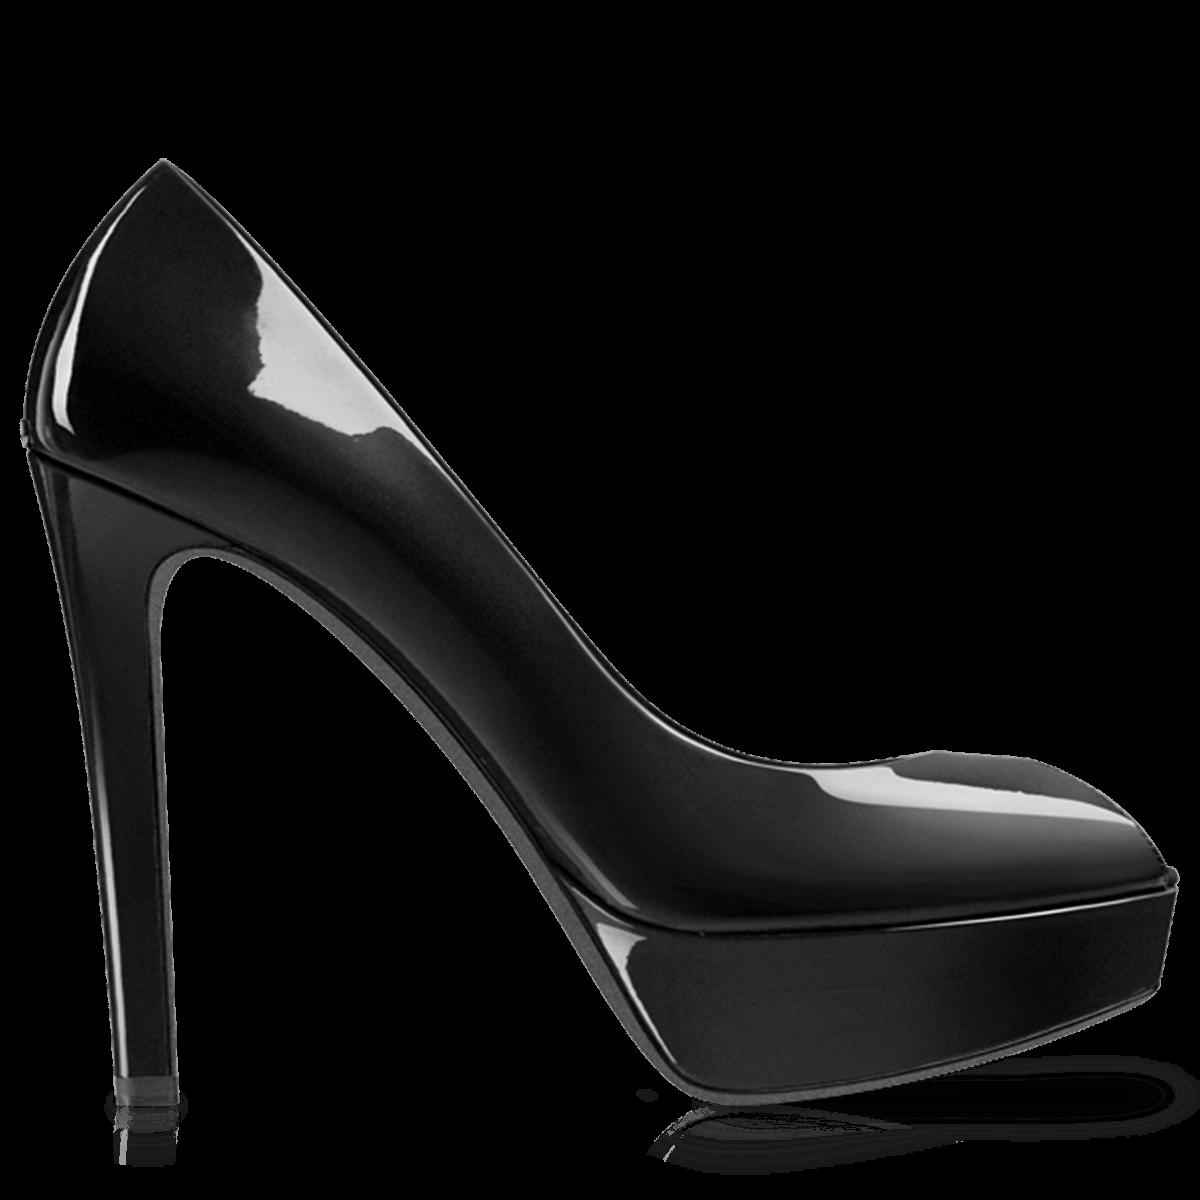 Heels clipart pair heel. Black women shoe transparent